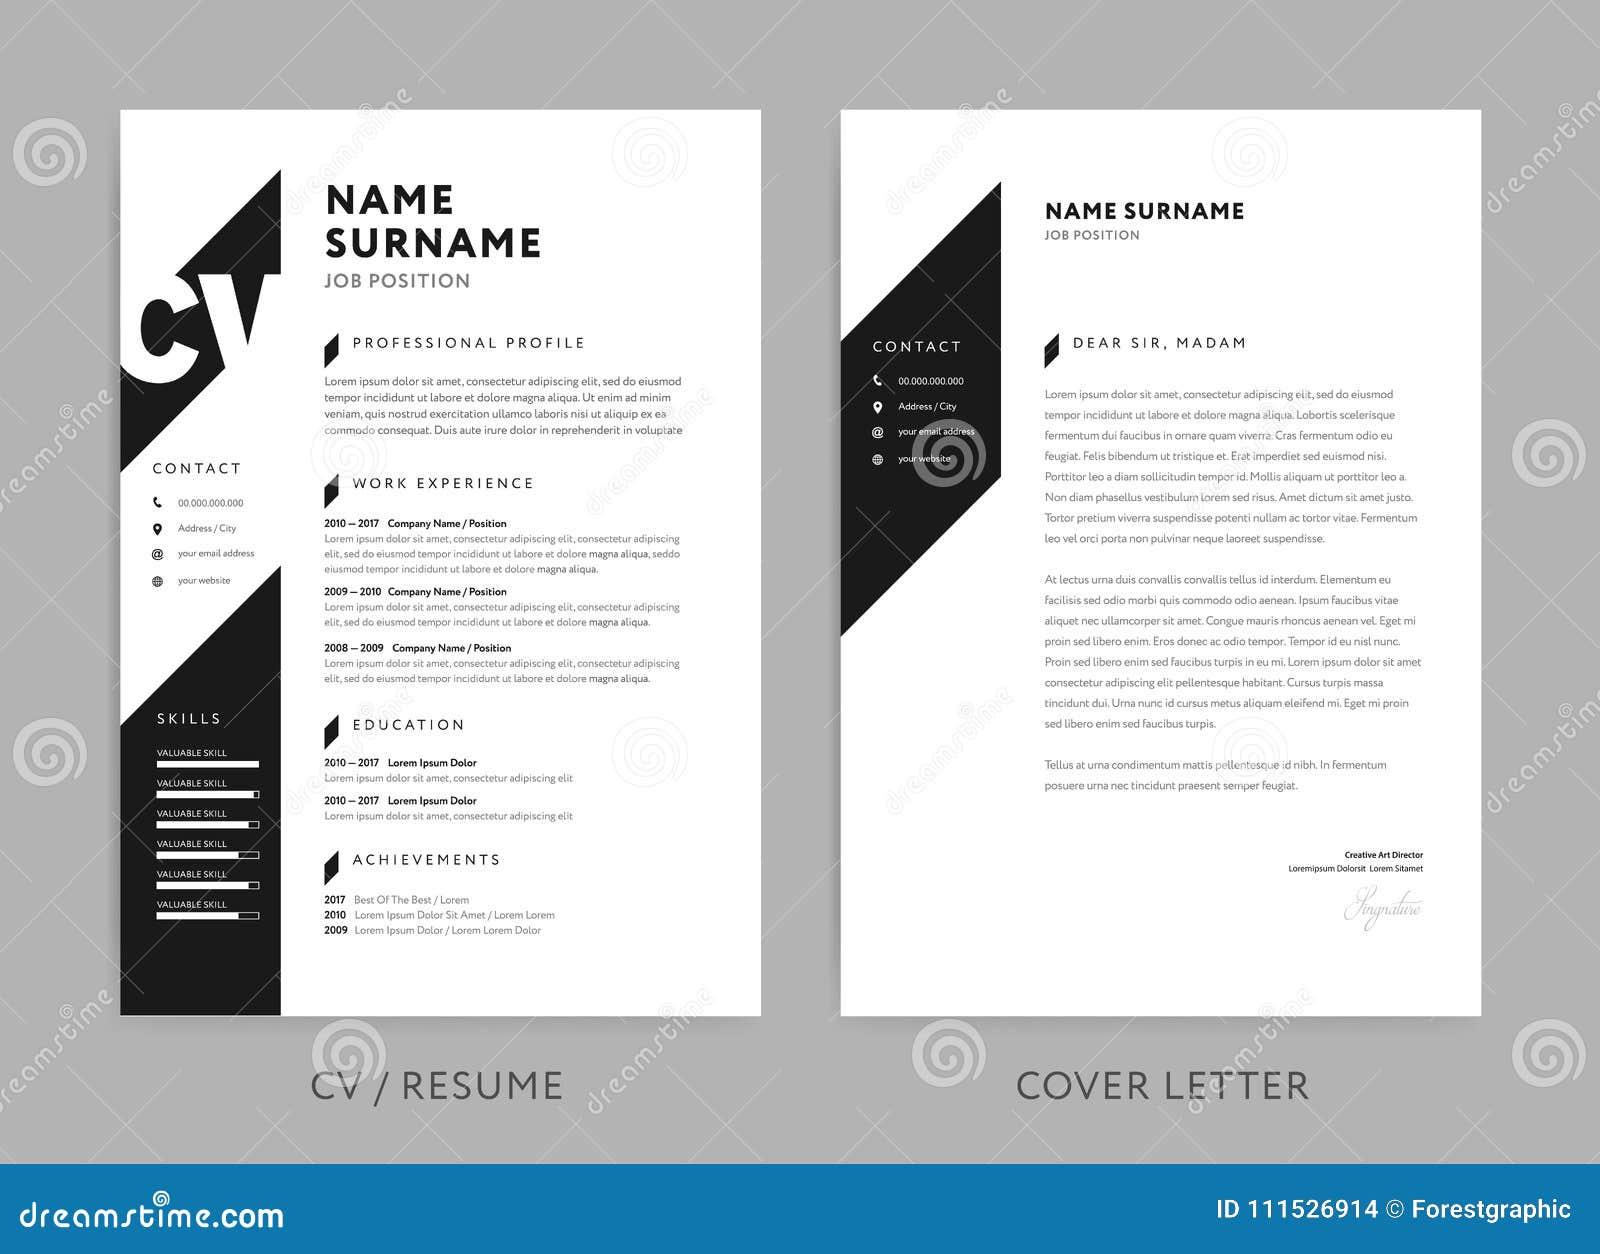 CV del minimalist/curriculum vitae y carta de presentación - diseño mínimo - vector blanco y negro del fondo